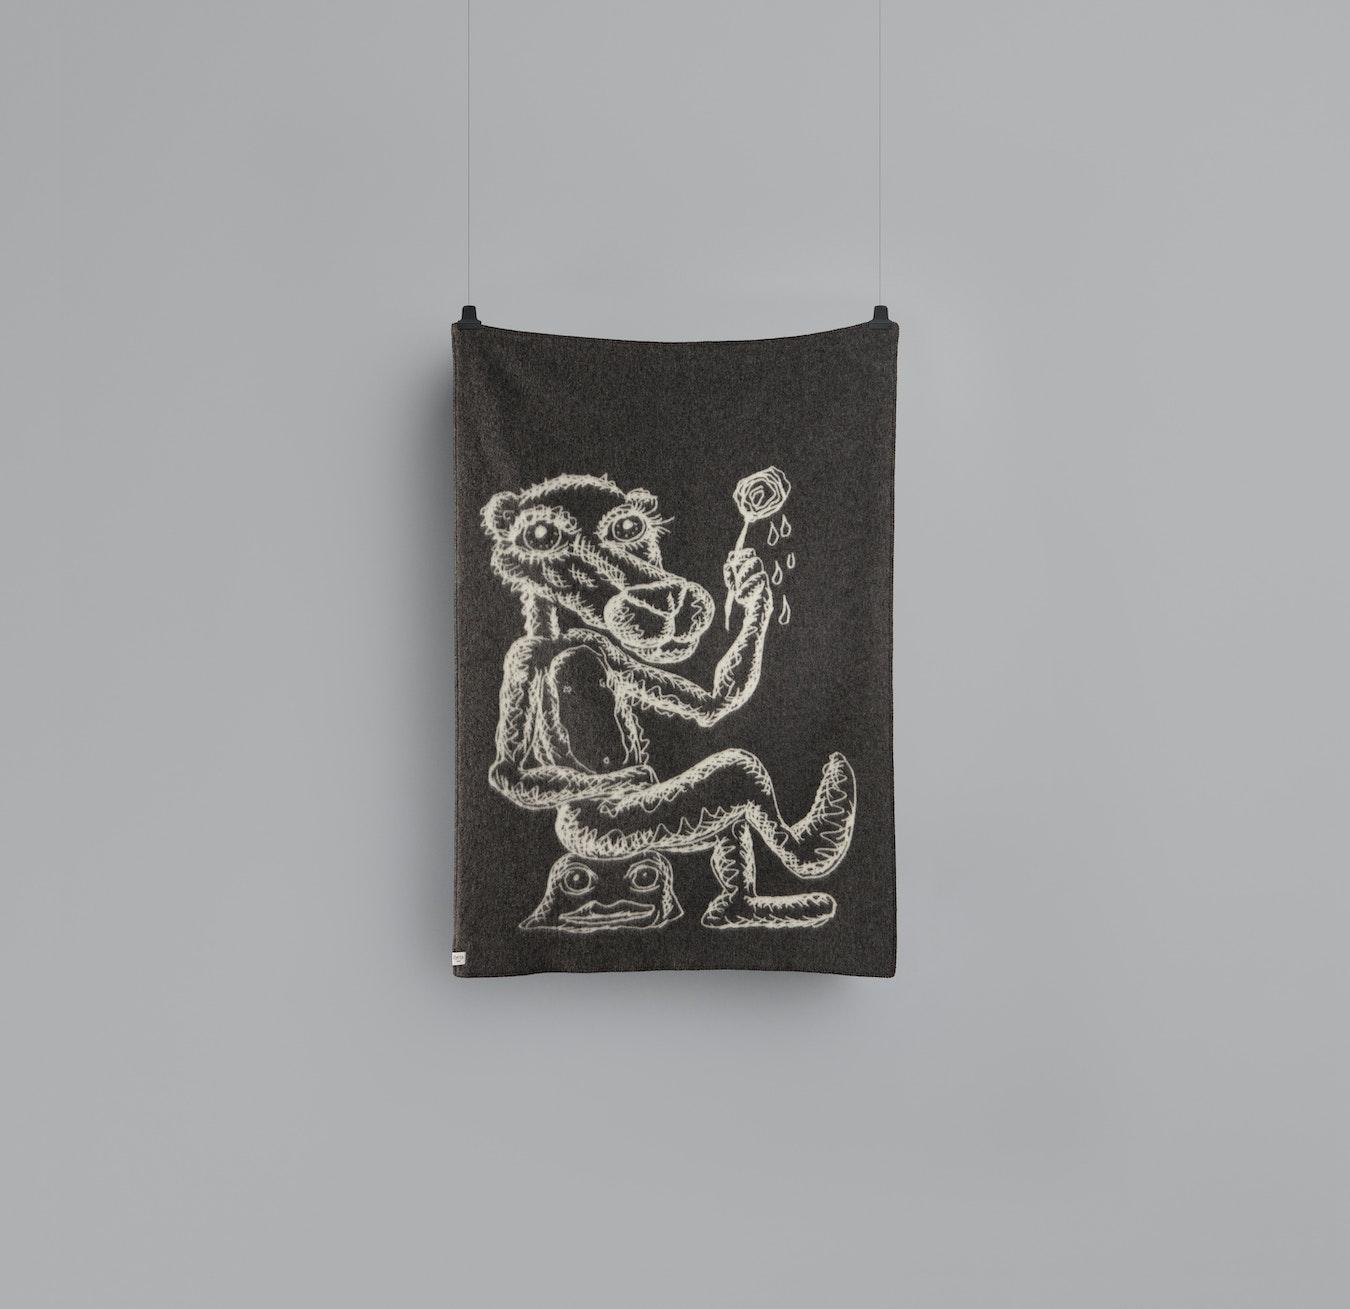 d2232b9b Melgaard Lambswool Throw in Grey/Natural by Røros Tweed - Fy